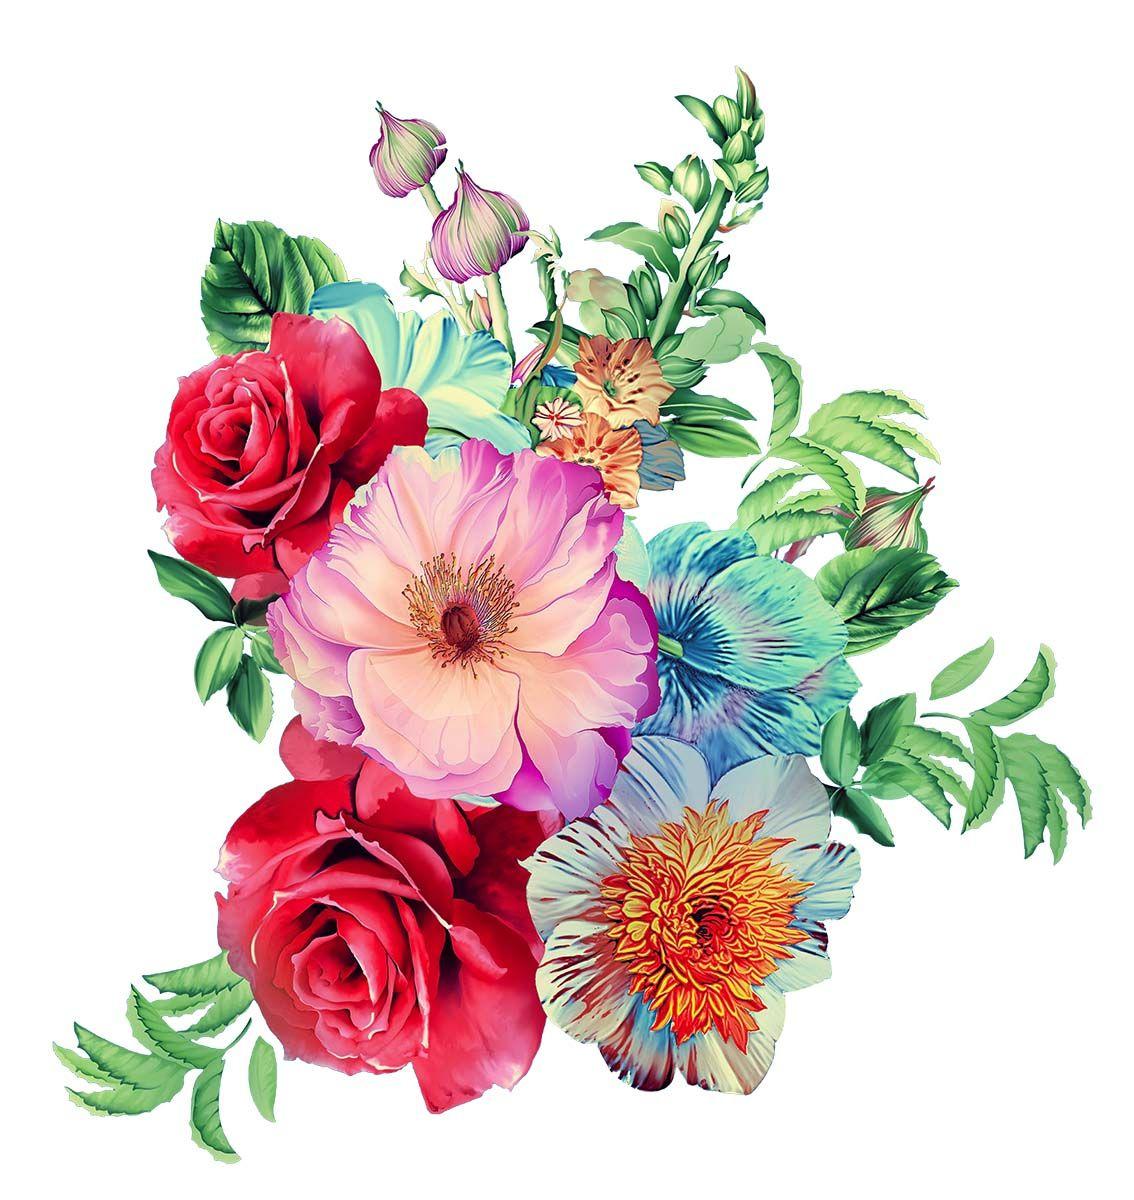 Png Flower Textile Design Digital Flowers Flower Png Images Botanical Flowers